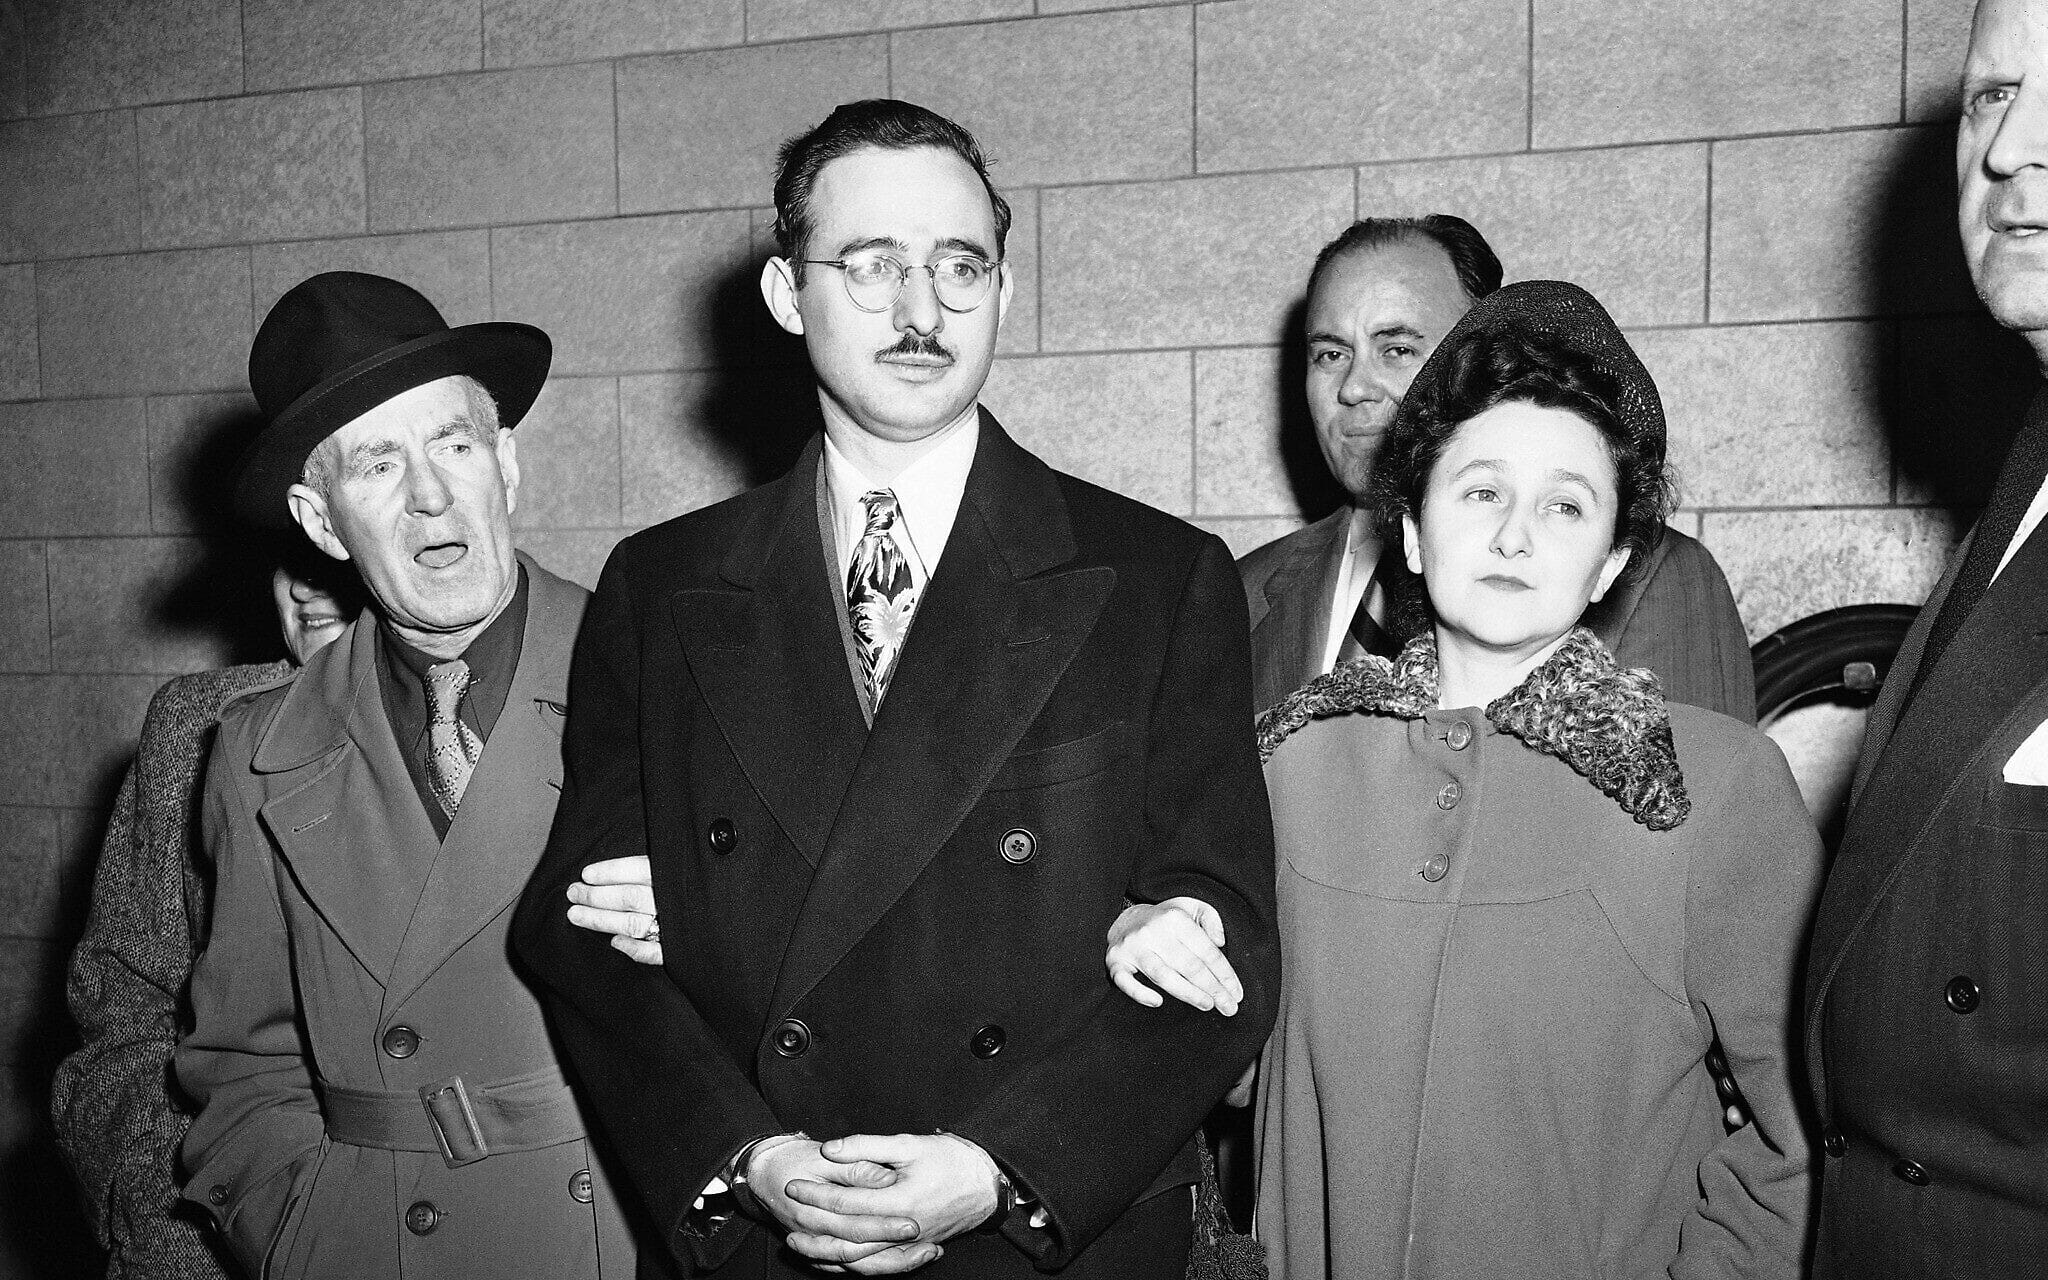 משמאל: הארי מק'קייב, משנה למרשל אמריקאי, יוליוס רוזנברג ואשתו, אתל רוזנברג, ואנתוני ה' פאבונה, סגן מרשל בניו יורק, 8 במרץ 1951 (צילום: AP)